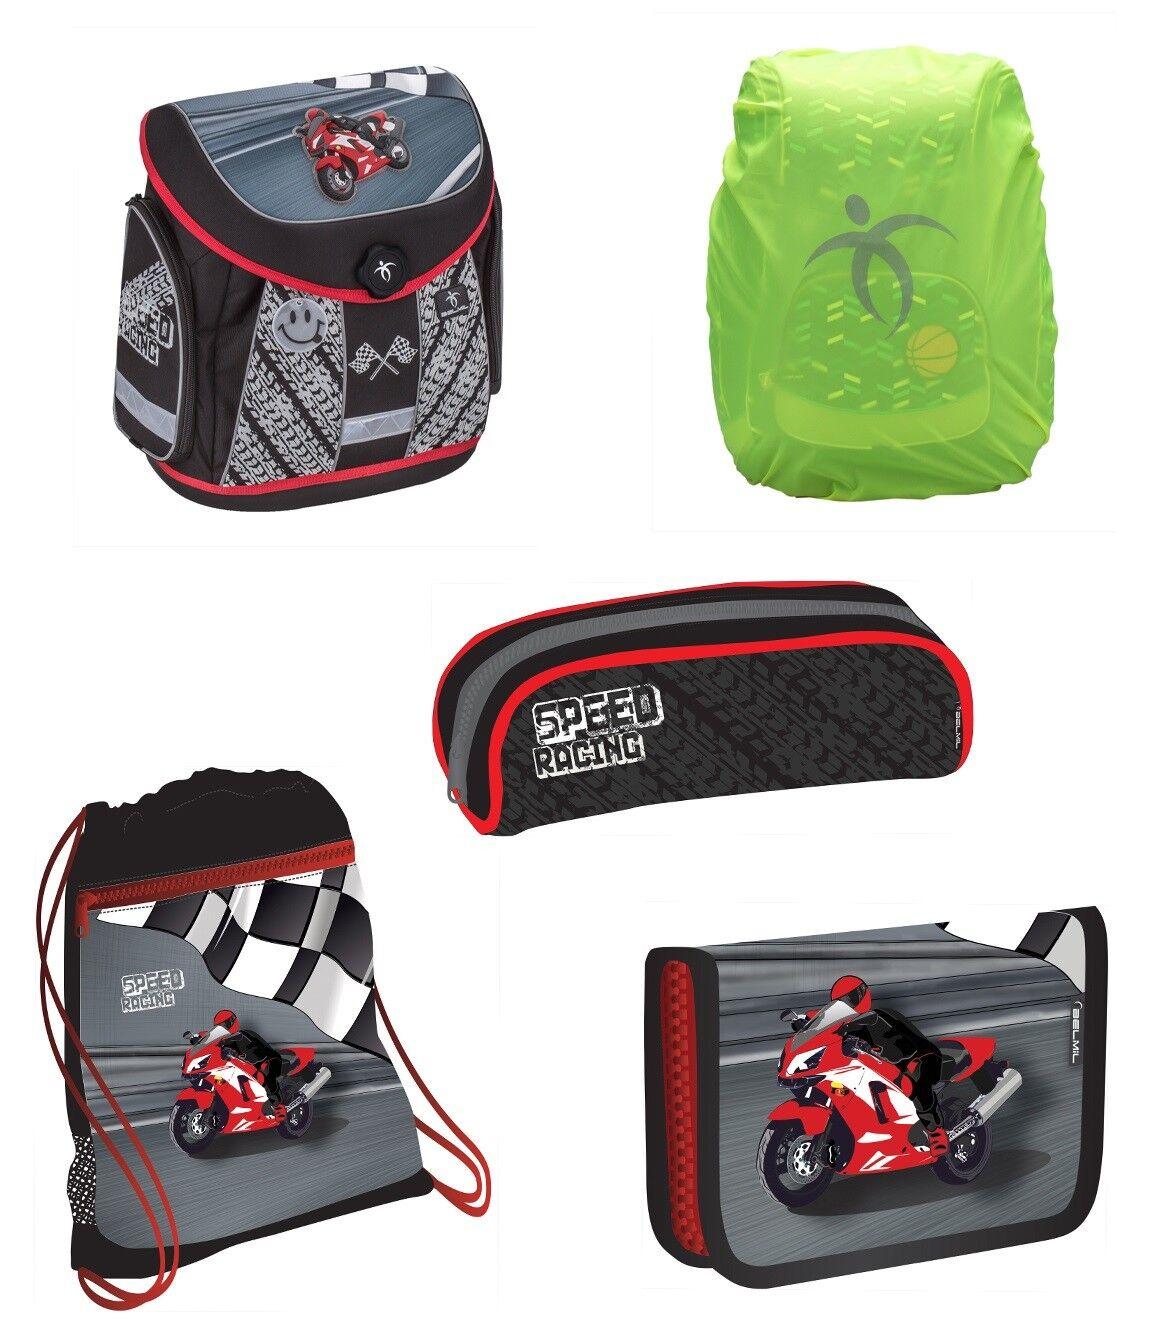 Exclusiv5tlg.Motor Schulranzen Set passend für Kinder zwischen 6-9 Jahre EDEL | Beliebte Empfehlung  | Großhandel  | Ausgezeichneter Wert